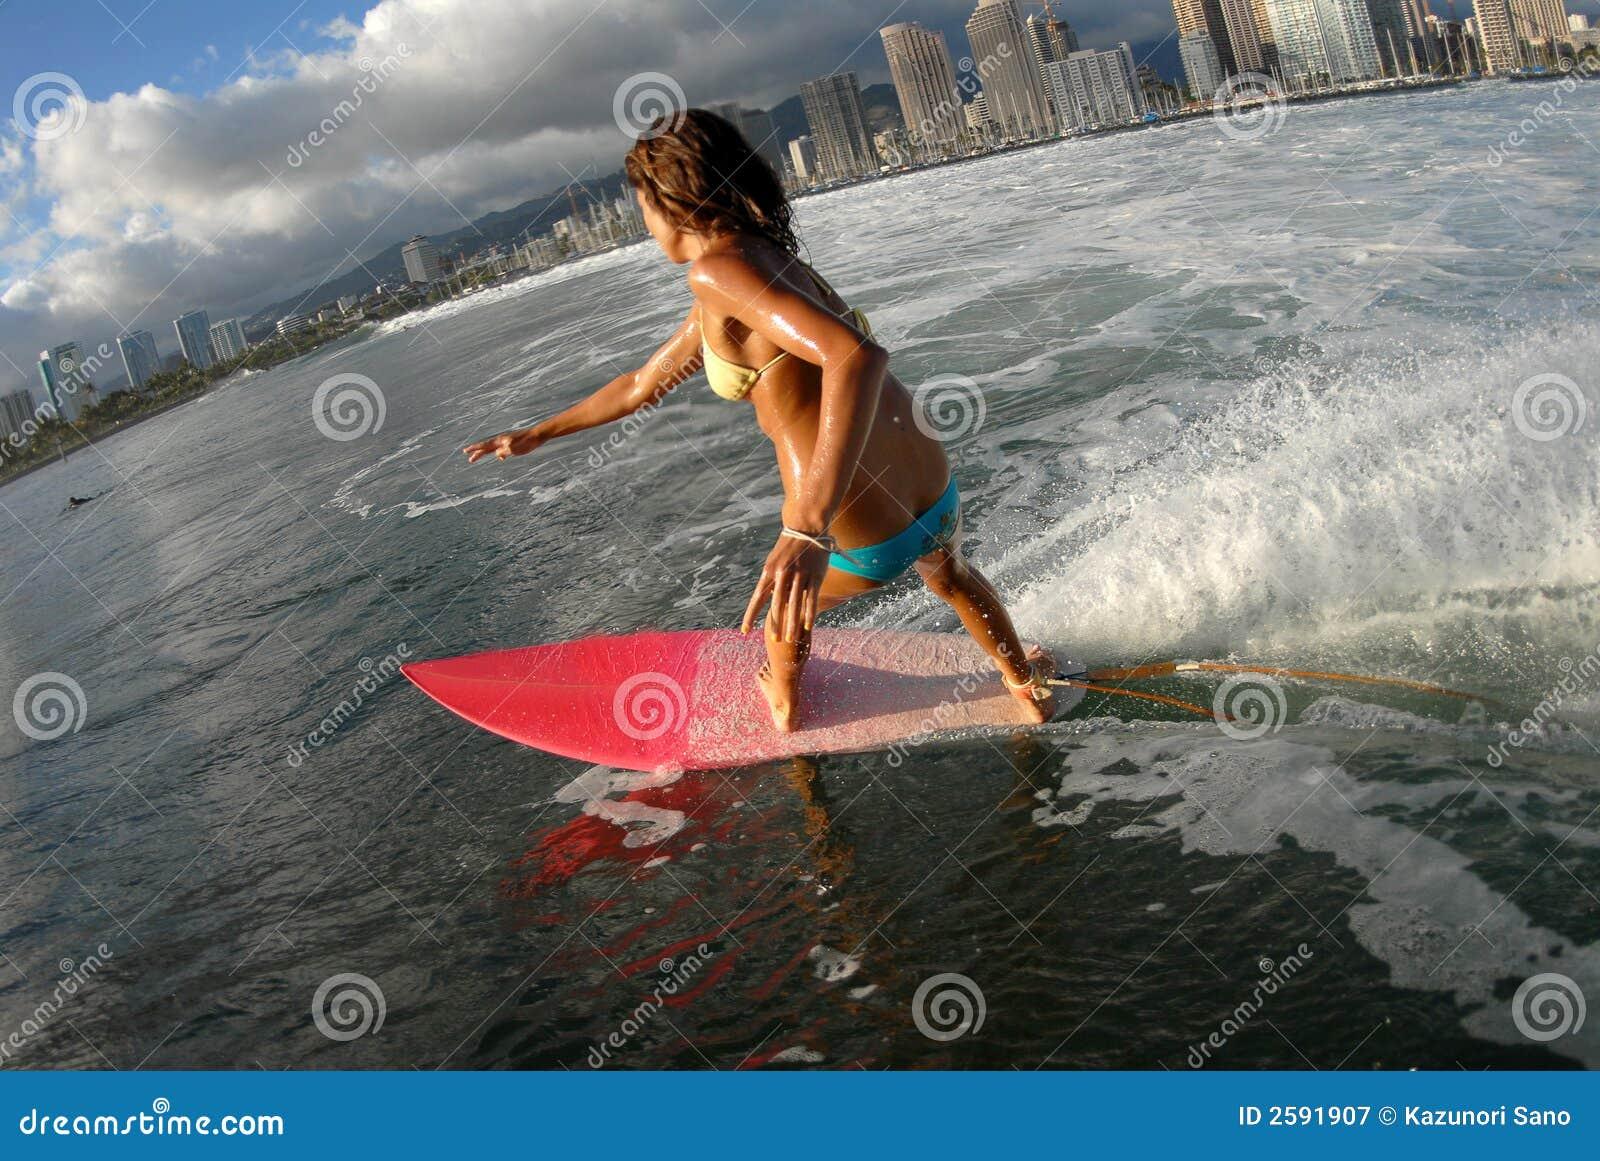 Het meisje van de bikini surfer het surfen